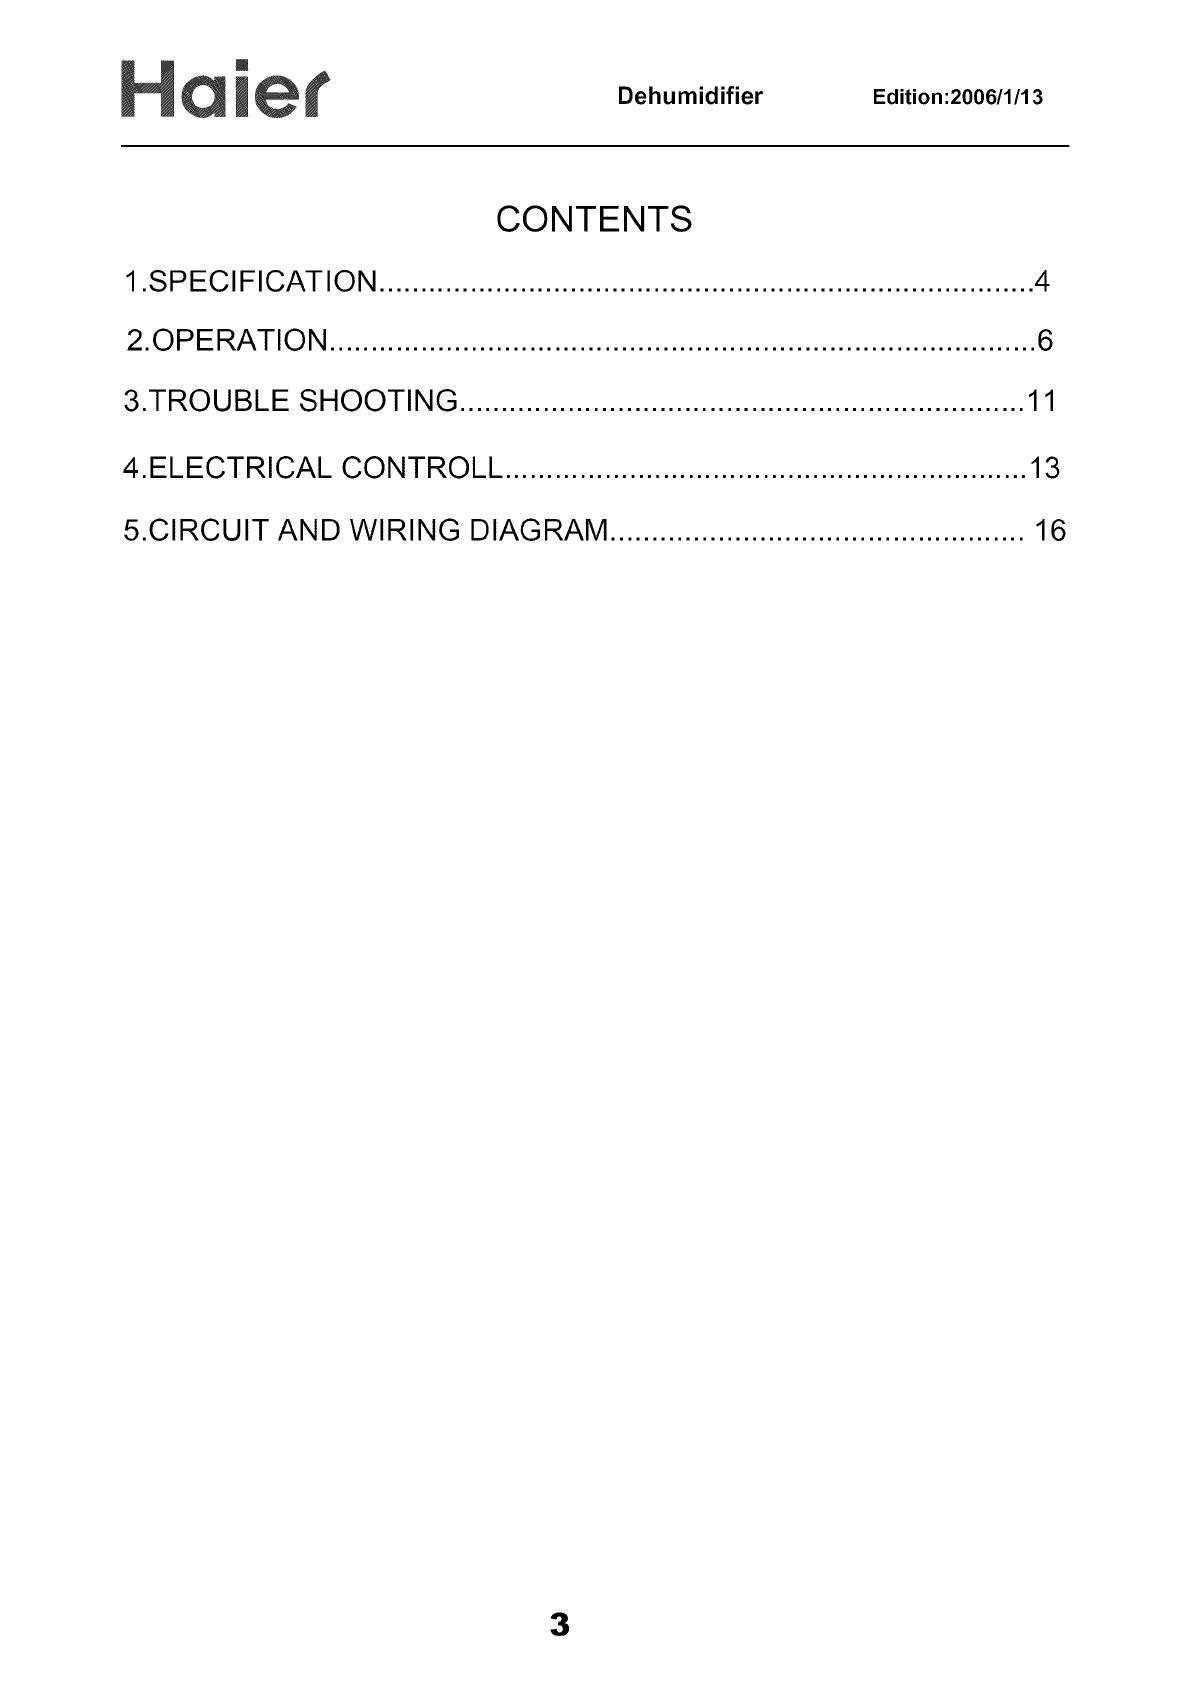 dehumidifier edition:2006/1/13